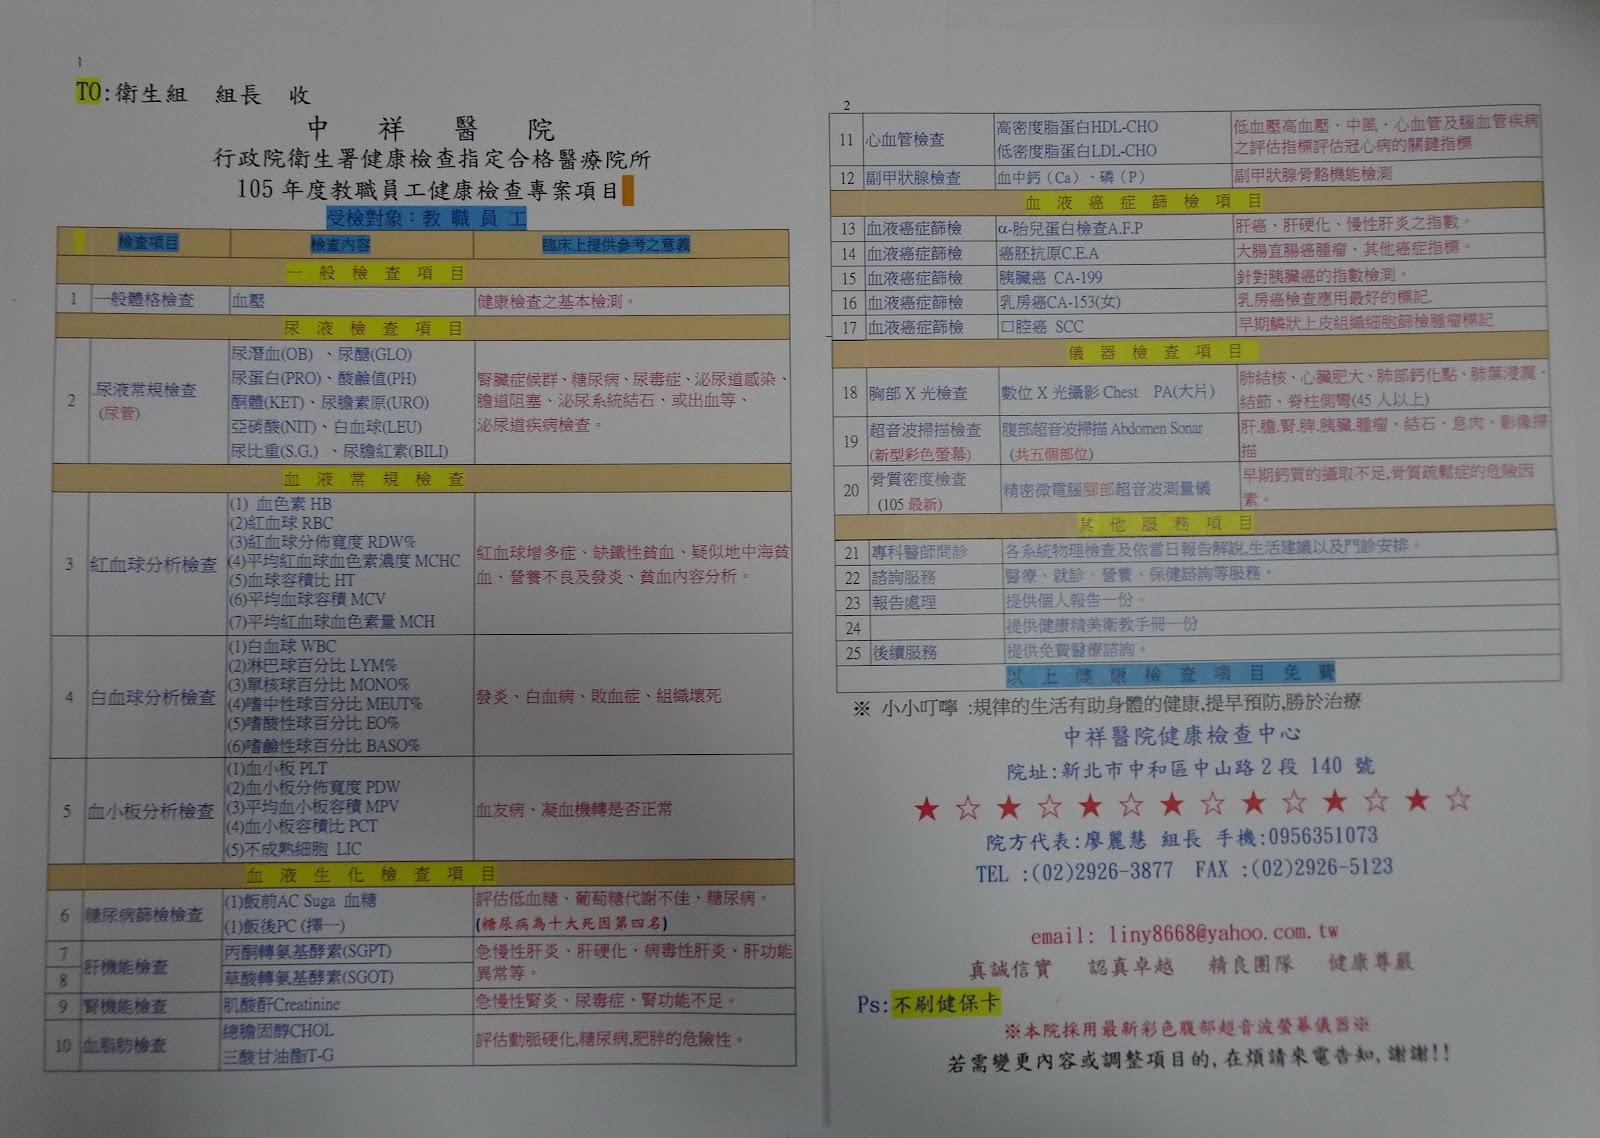 105 學年度教職員健康檢查意願調查 - 瑞豐國小健康促進學校